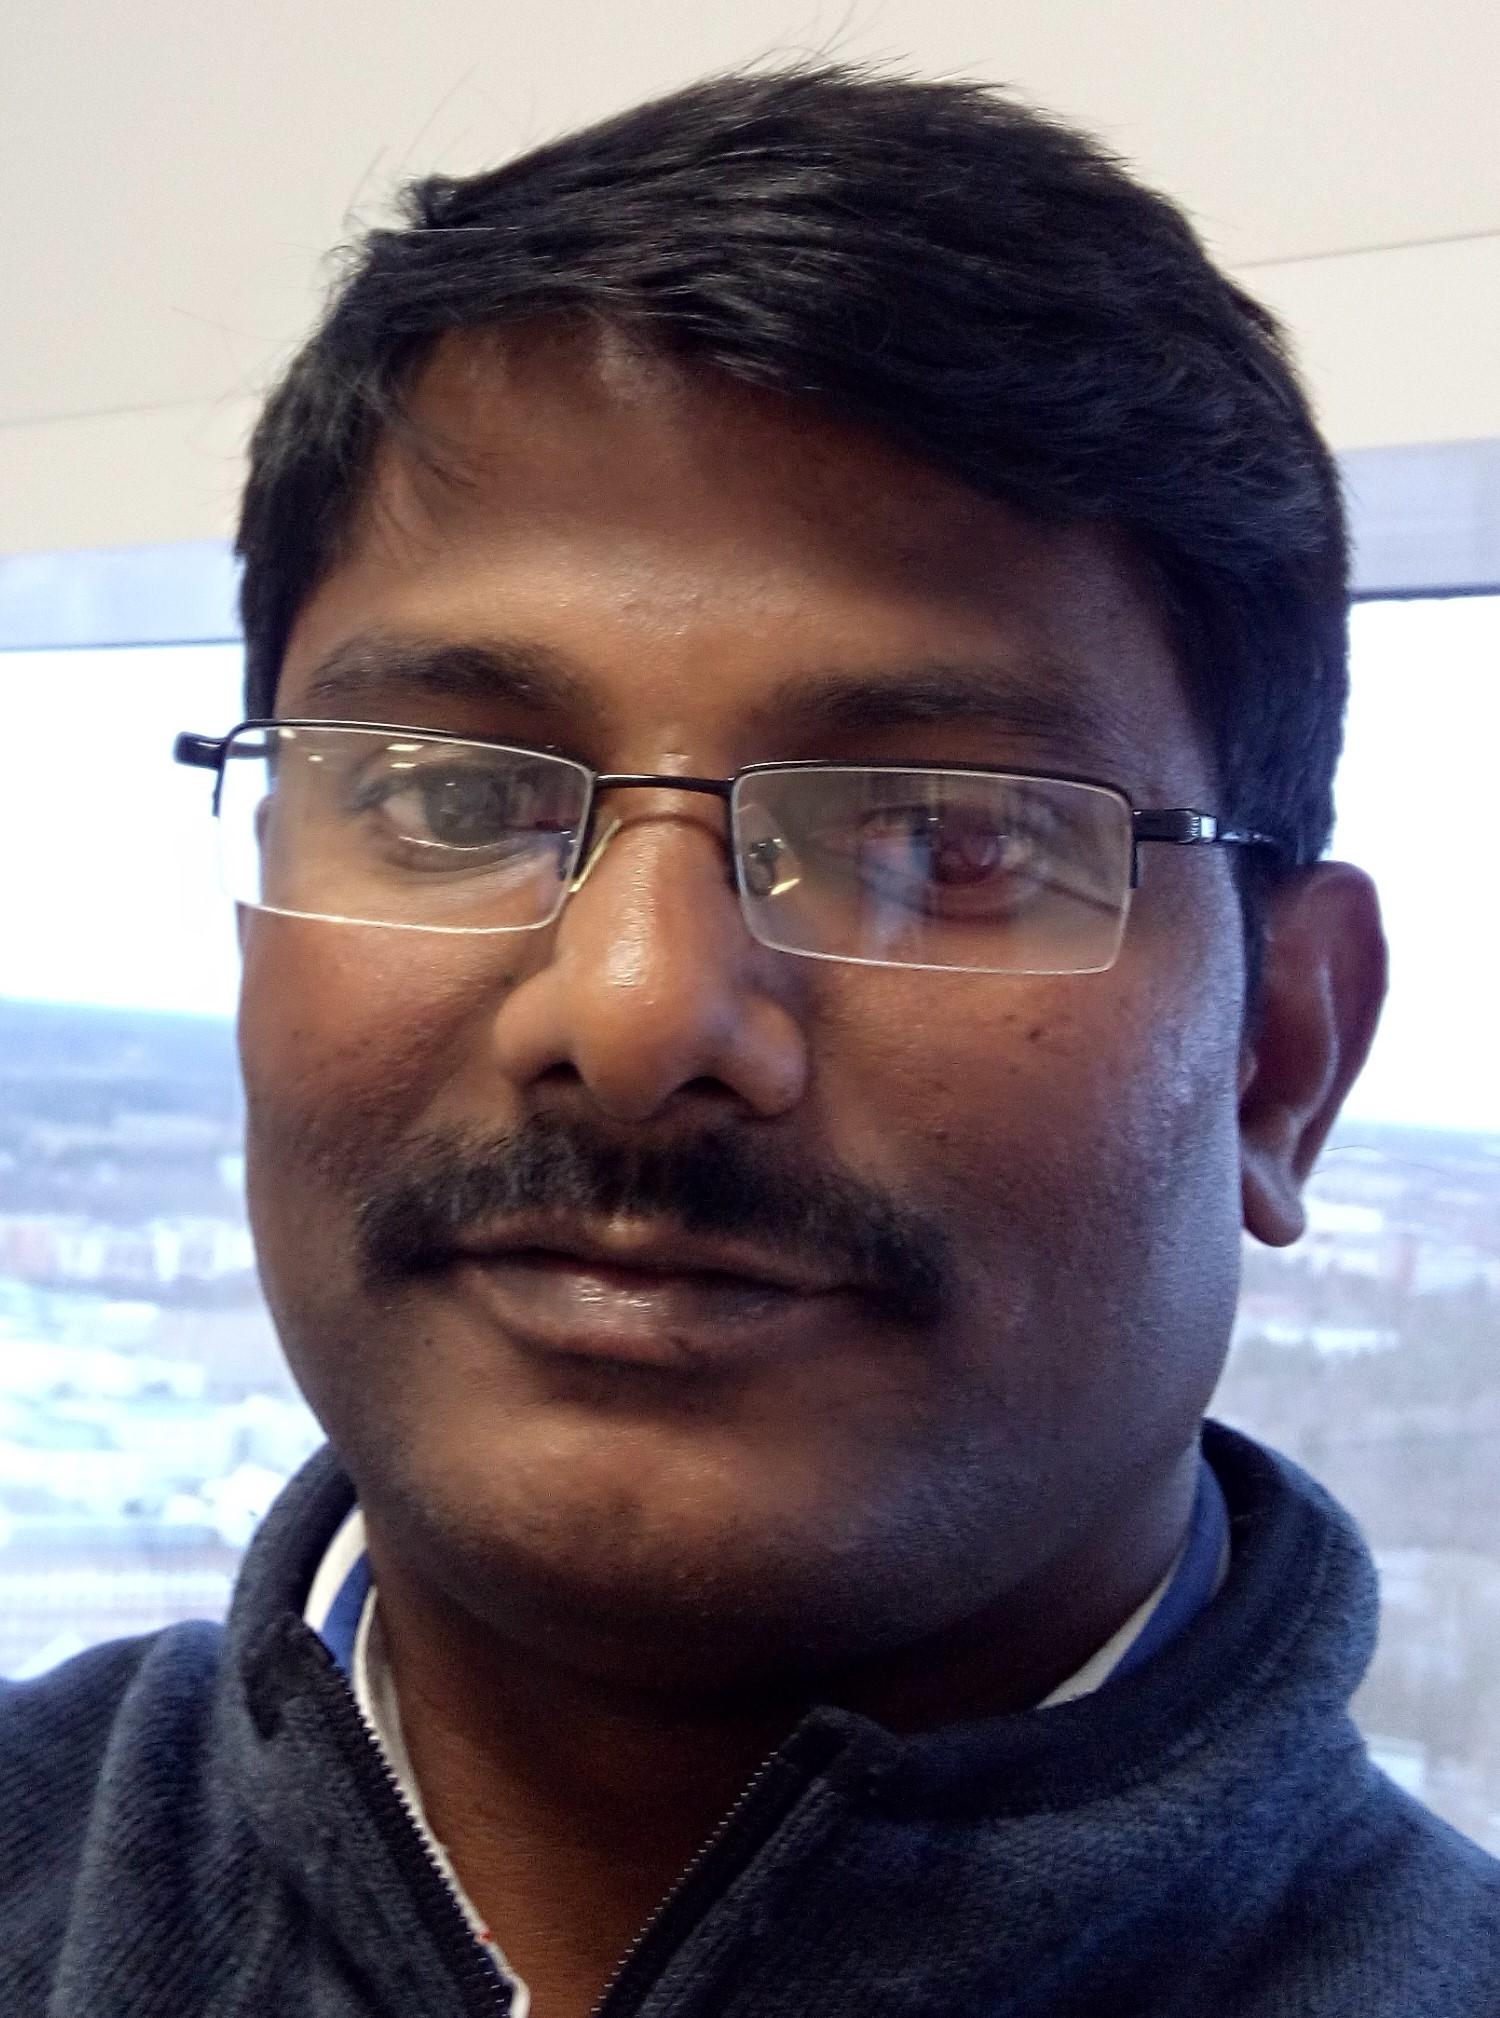 Srinivasan Munisamy